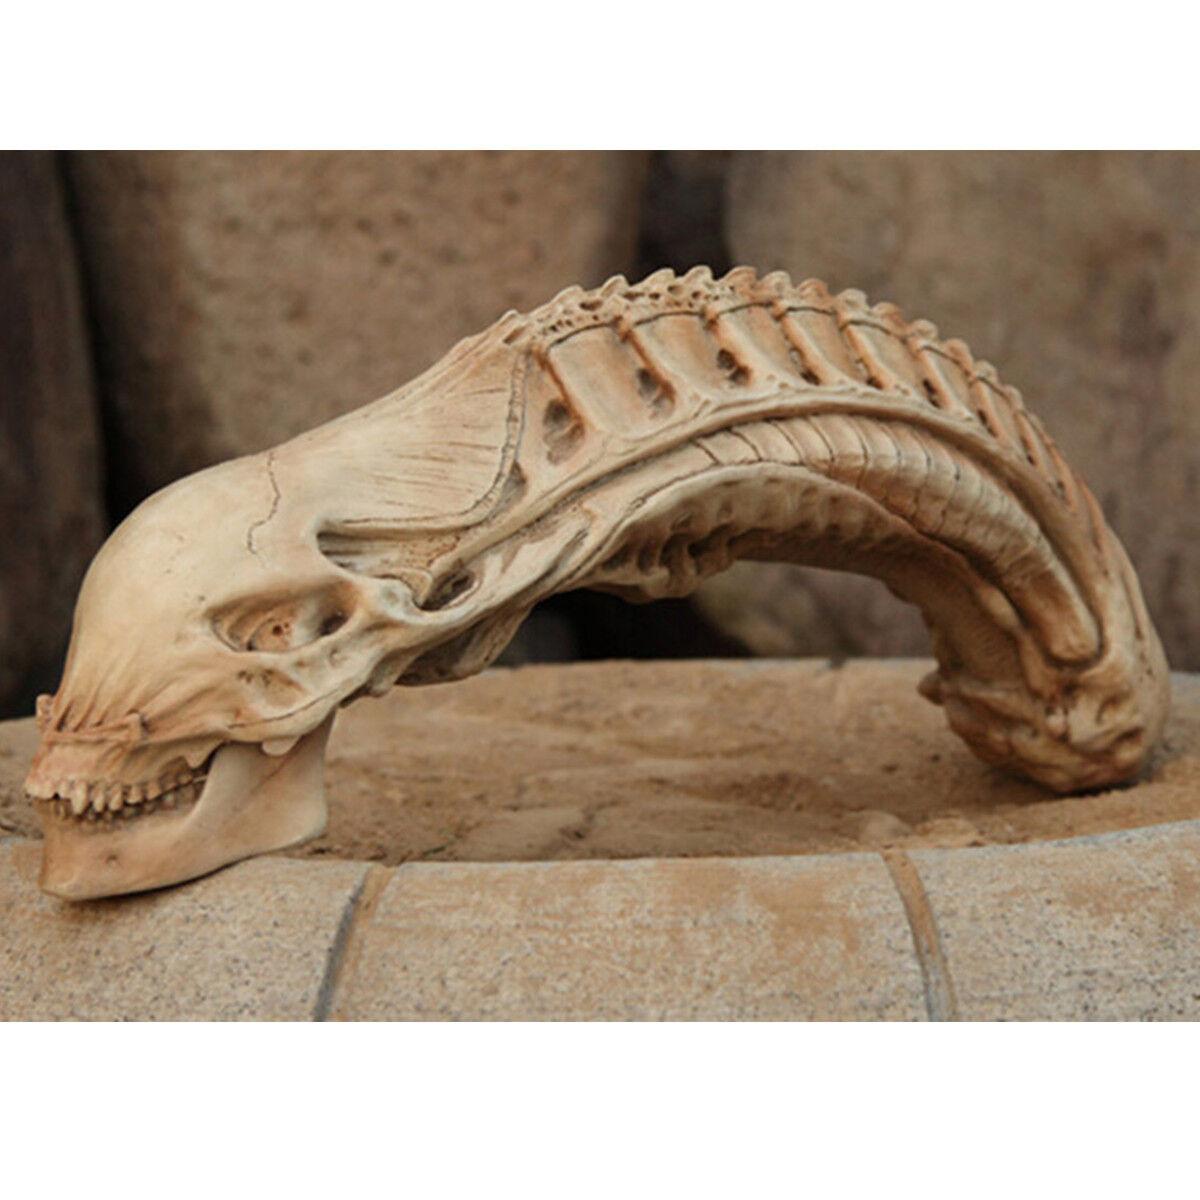 1:1 Xenomorph PROTator Squelette Modèle Alien Figurine Extraterrestre Film Décor